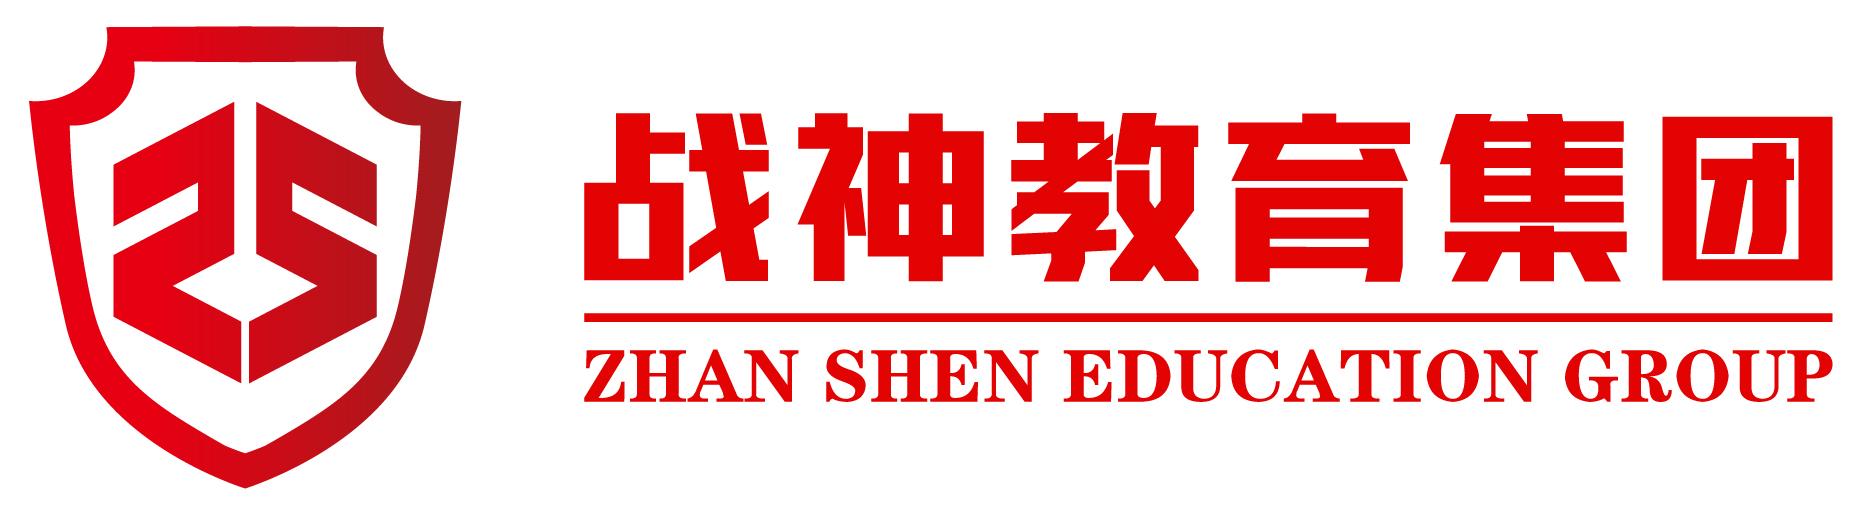 深圳市战神教育文化传媒有限公司